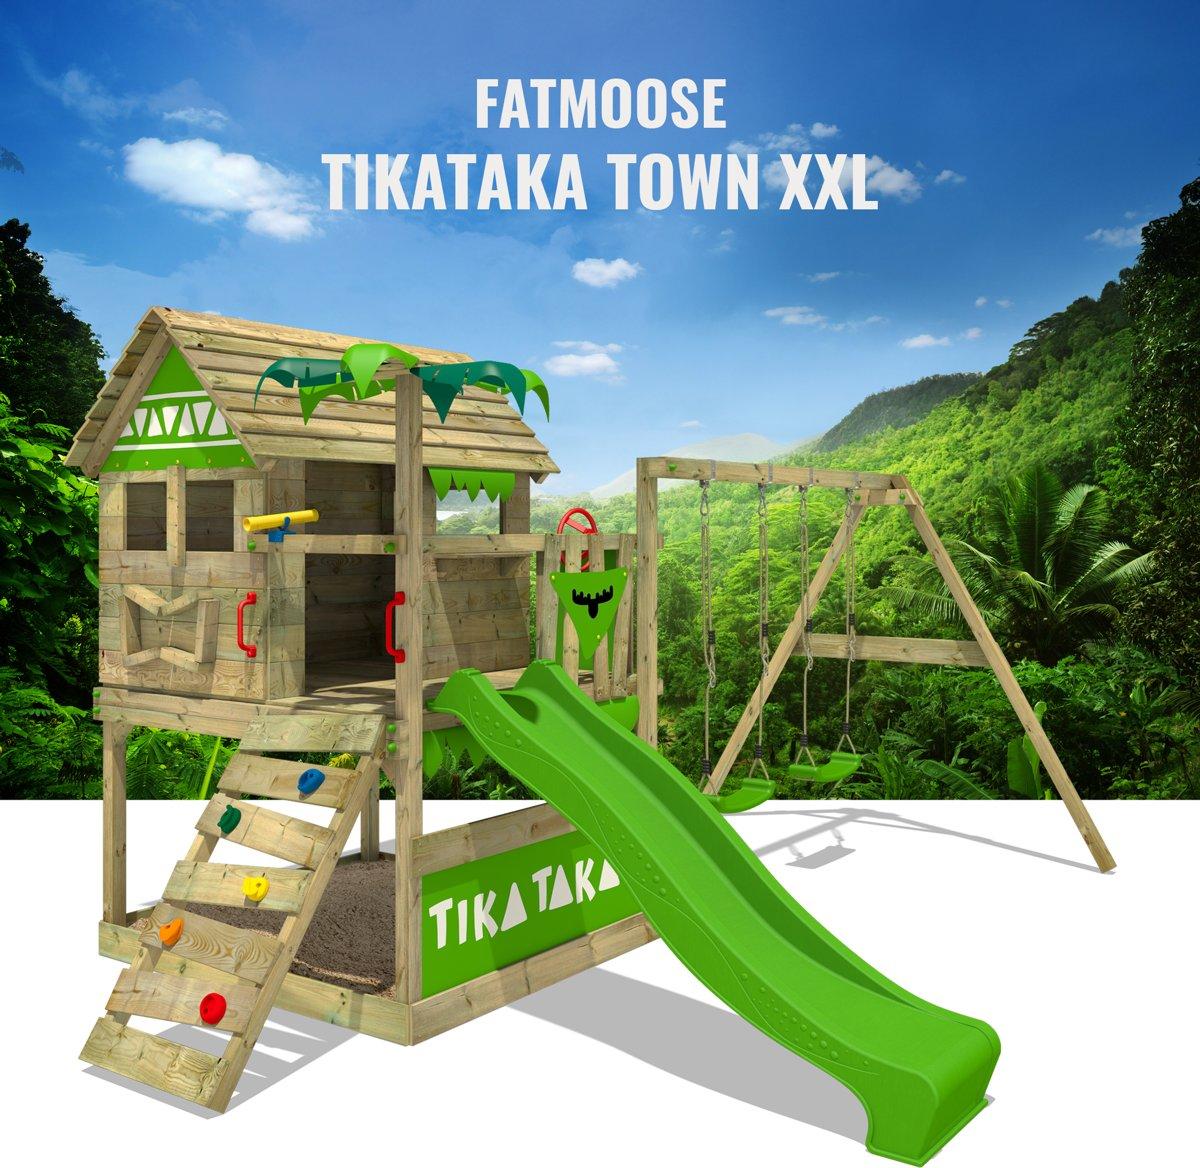 TikaTaka Town XXL